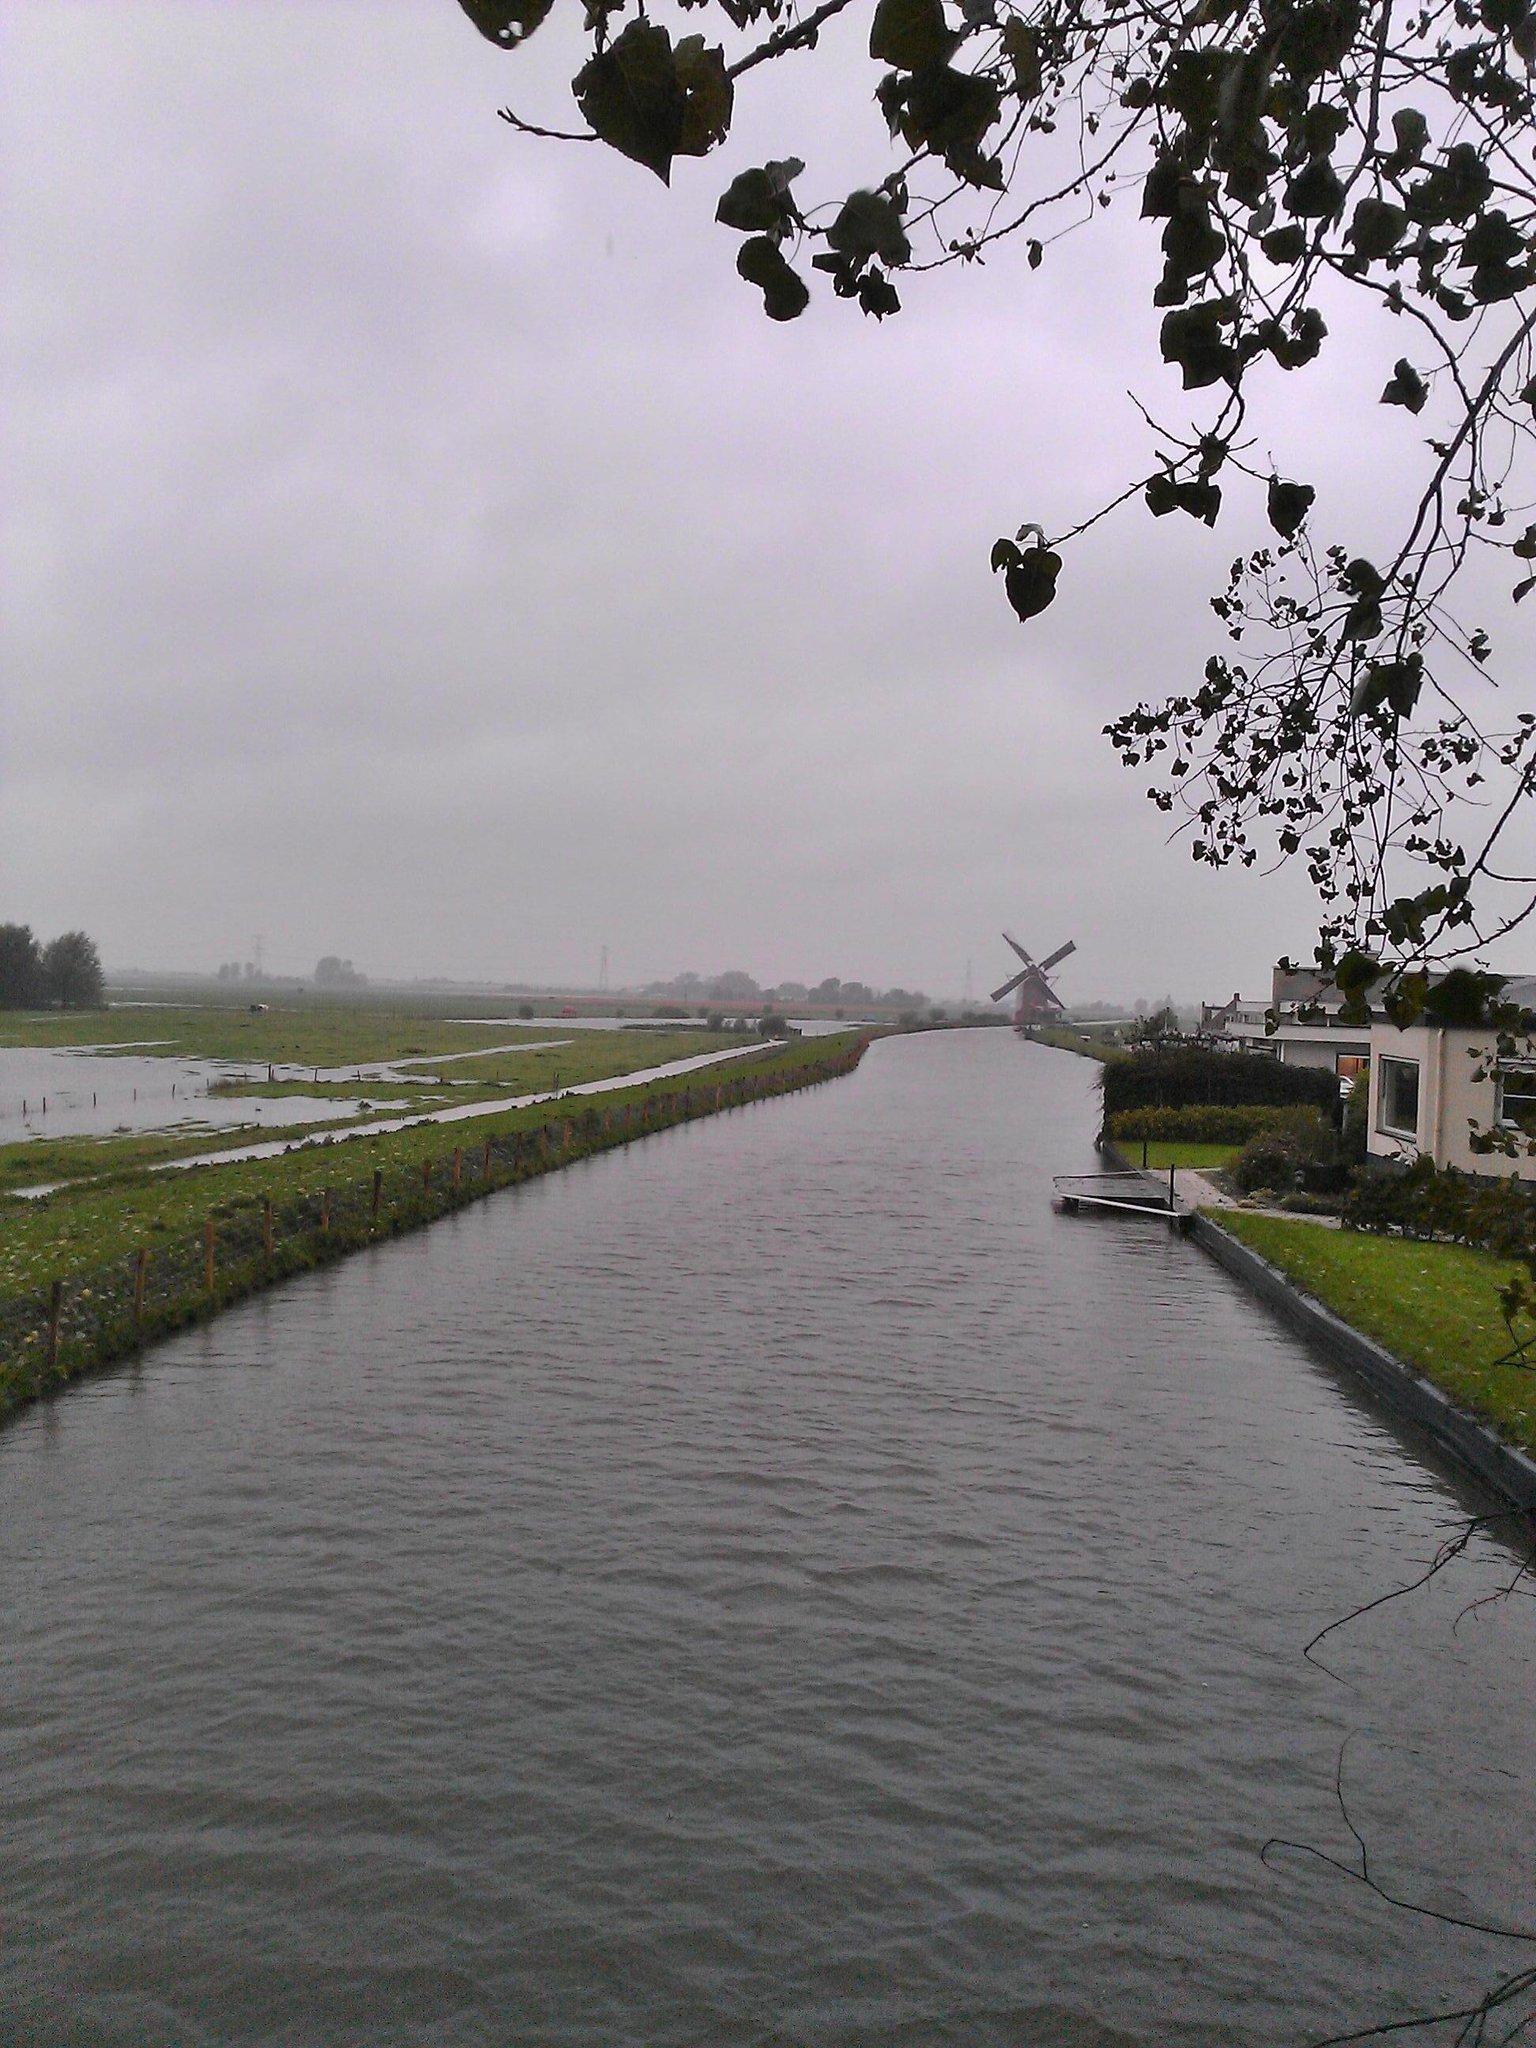 RT @EBom015: Zelfs de molen aan de Groeneveldsepolder doet mee. Natte boel #delfland http://t.co/GbnNeYa33c